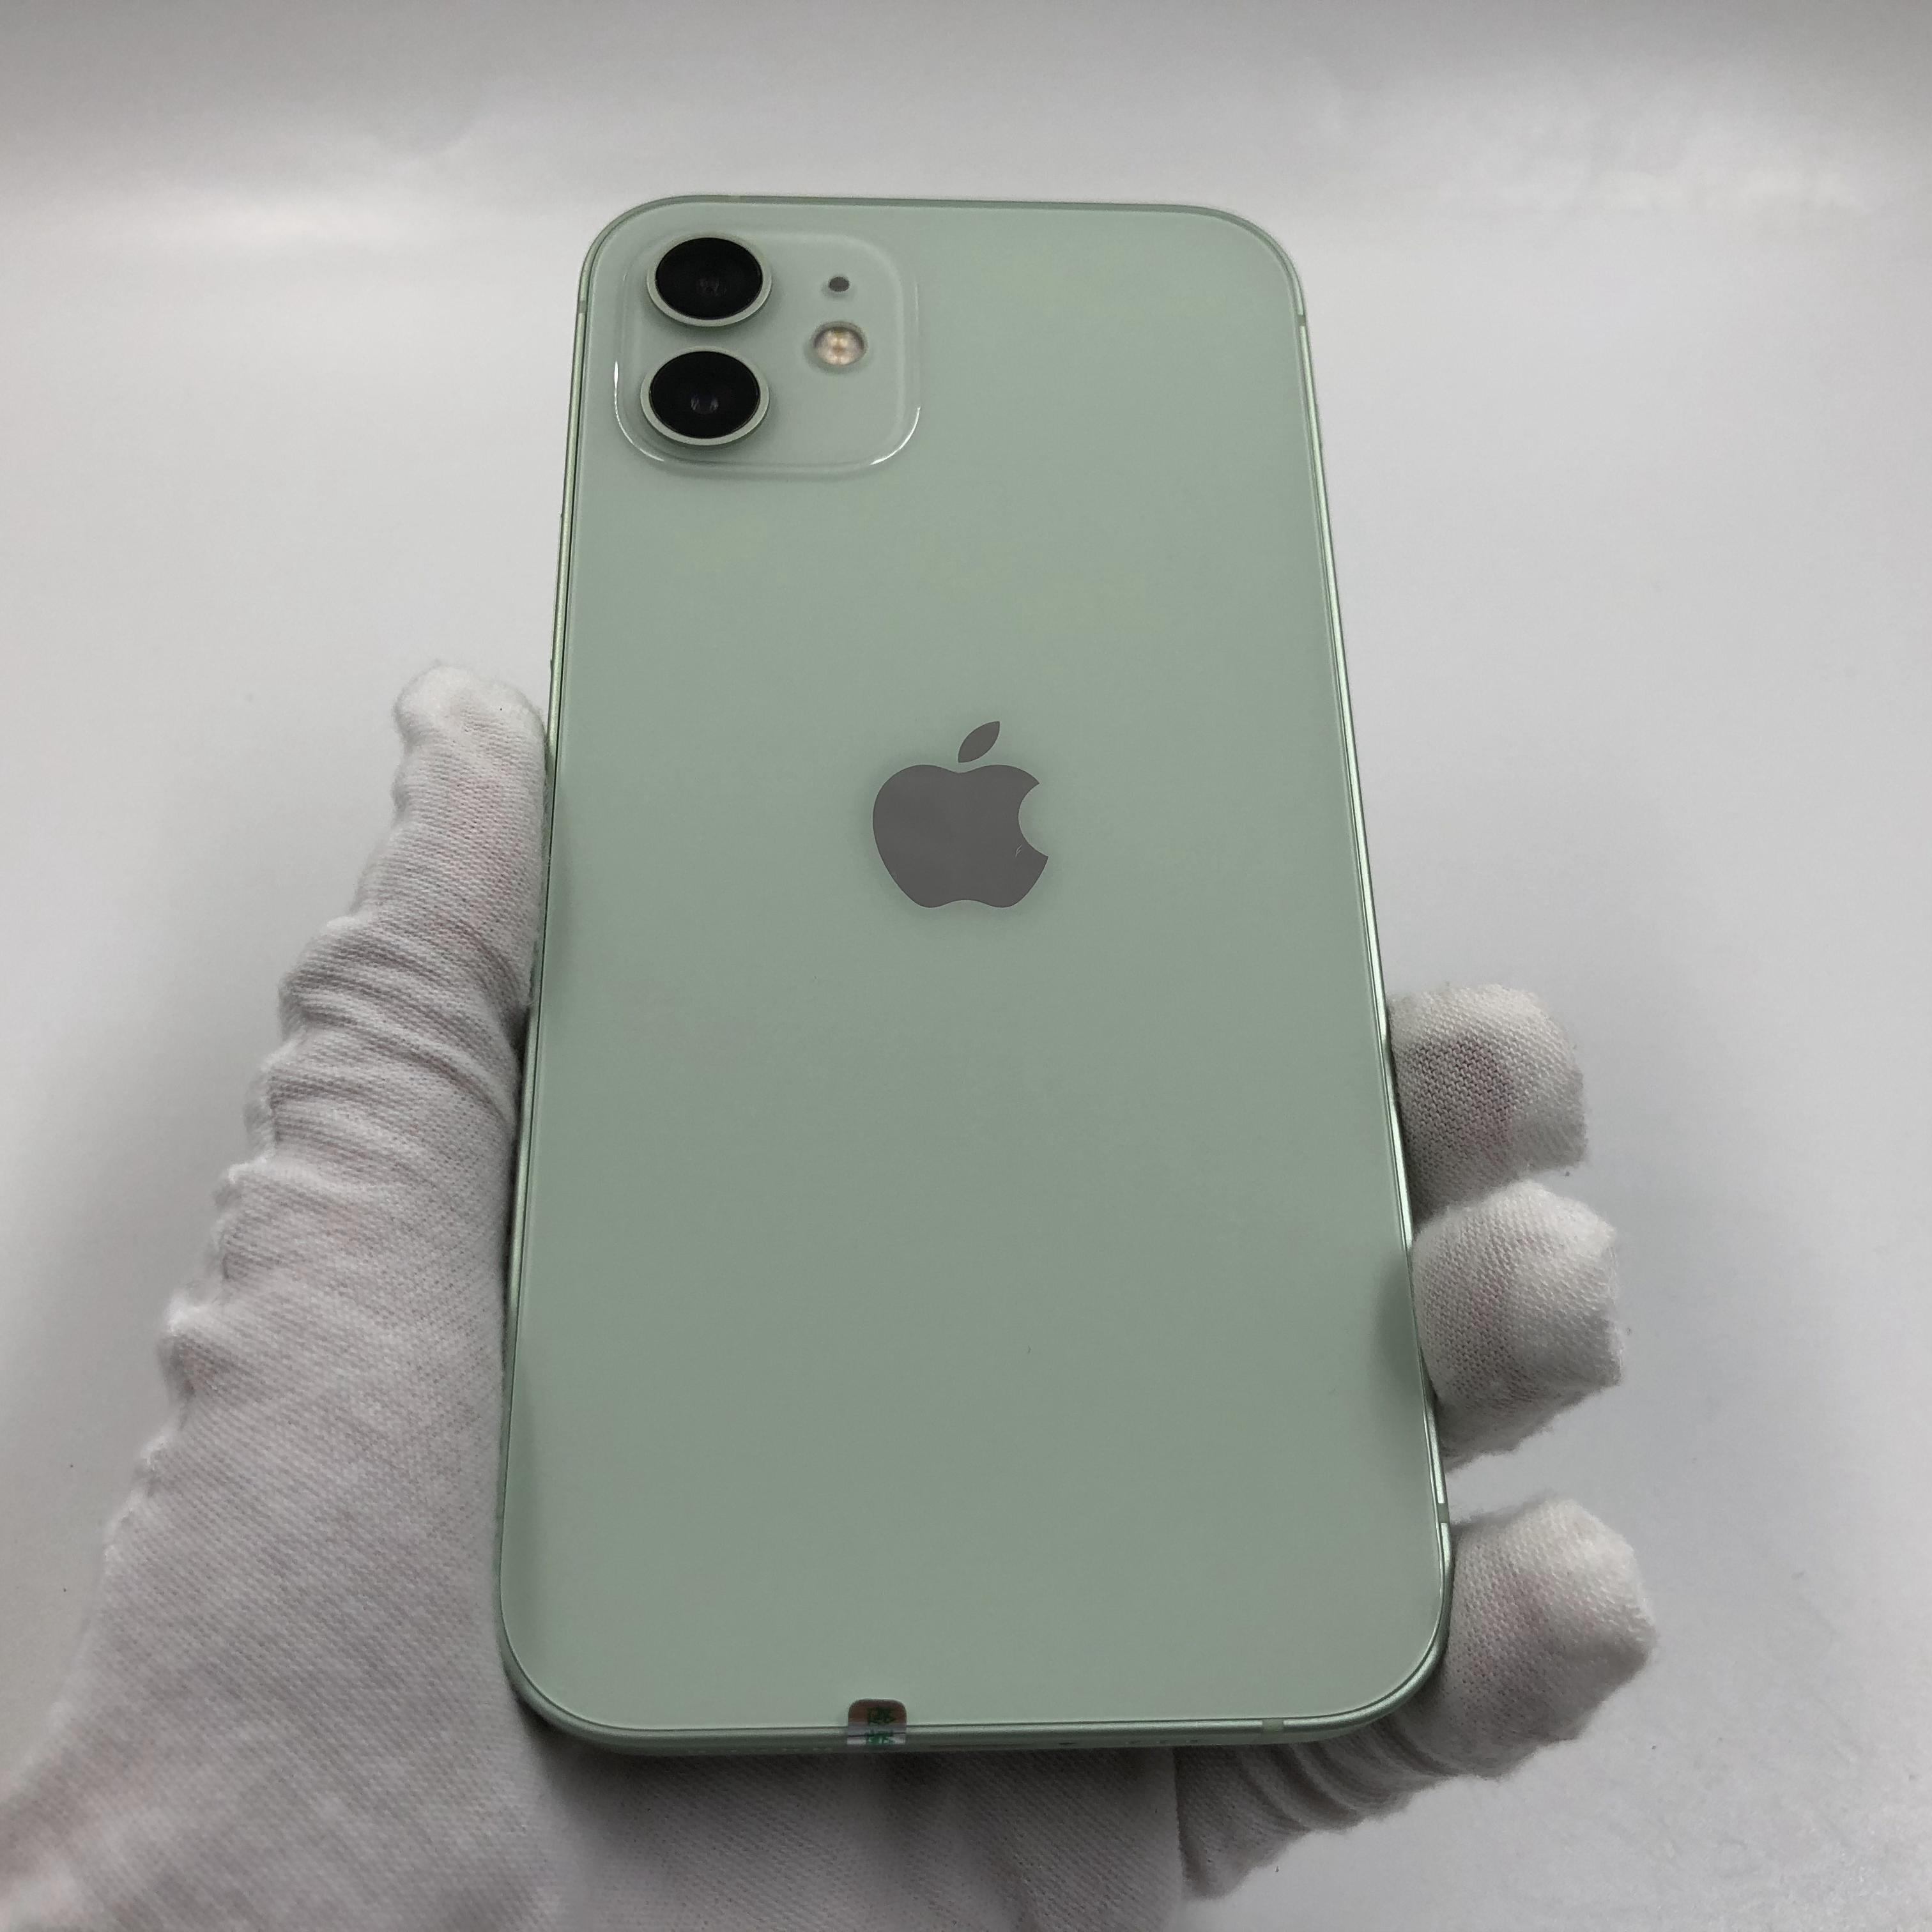 苹果【iPhone 12】5G全网通 绿色 128G 国行 99新 真机实拍保修2022-01-01